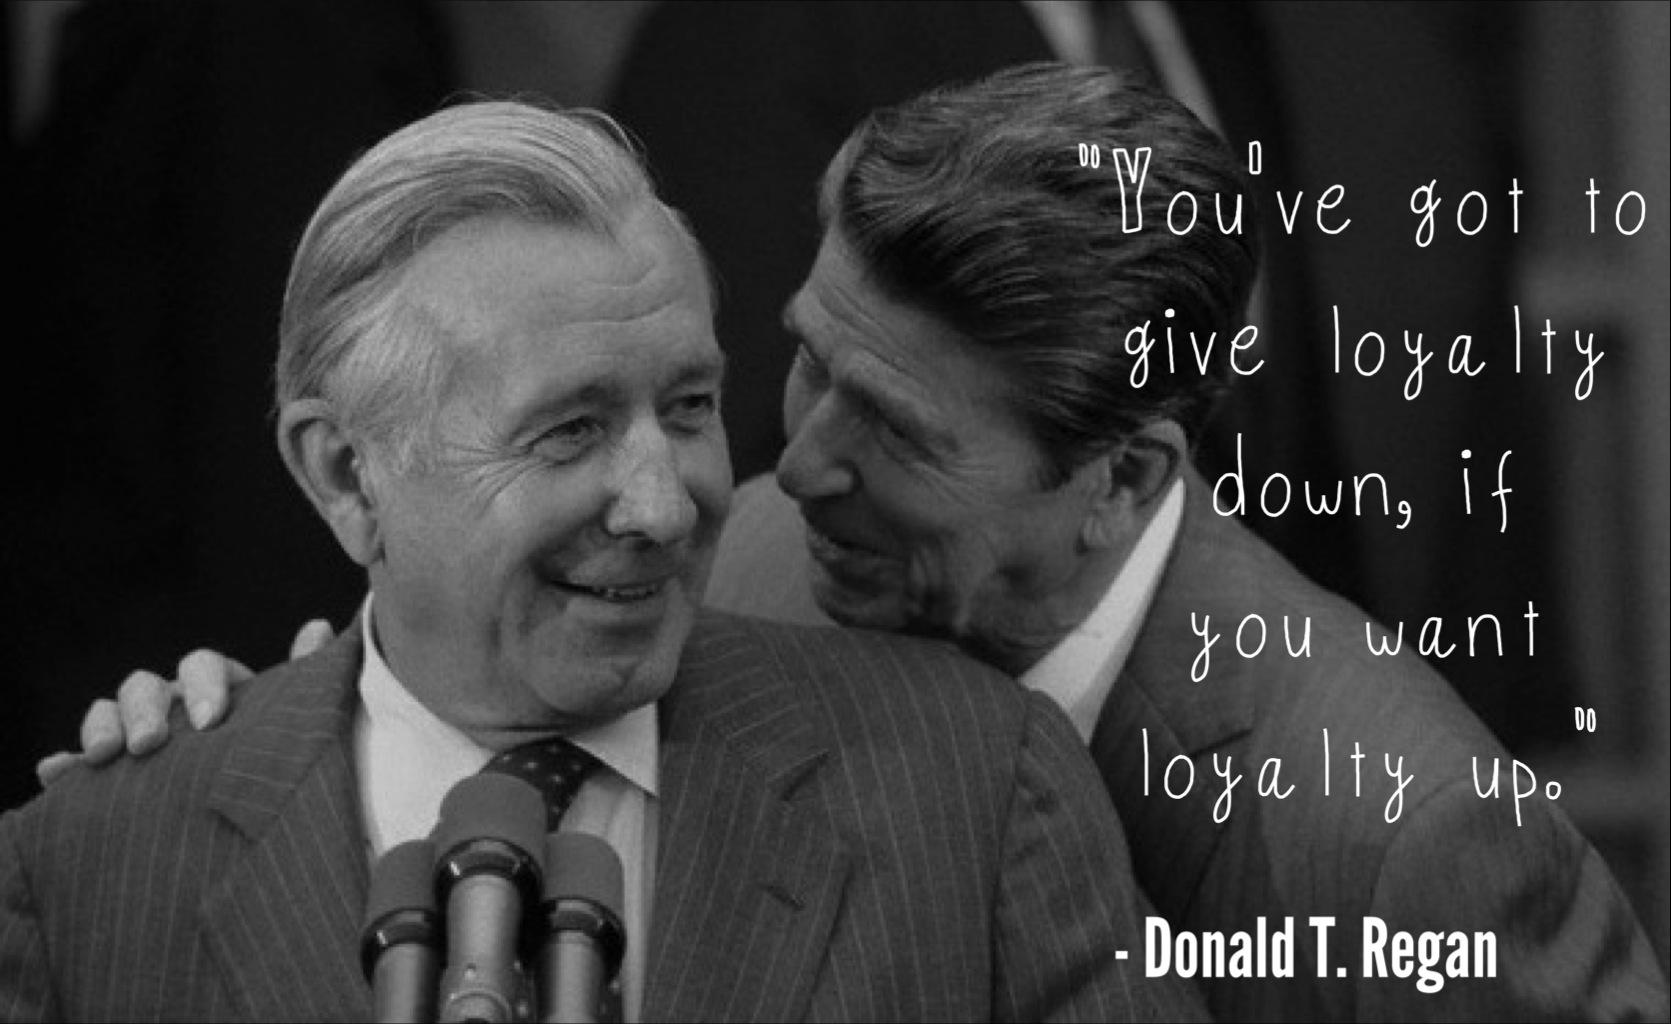 Donald T. Regan's quote #1